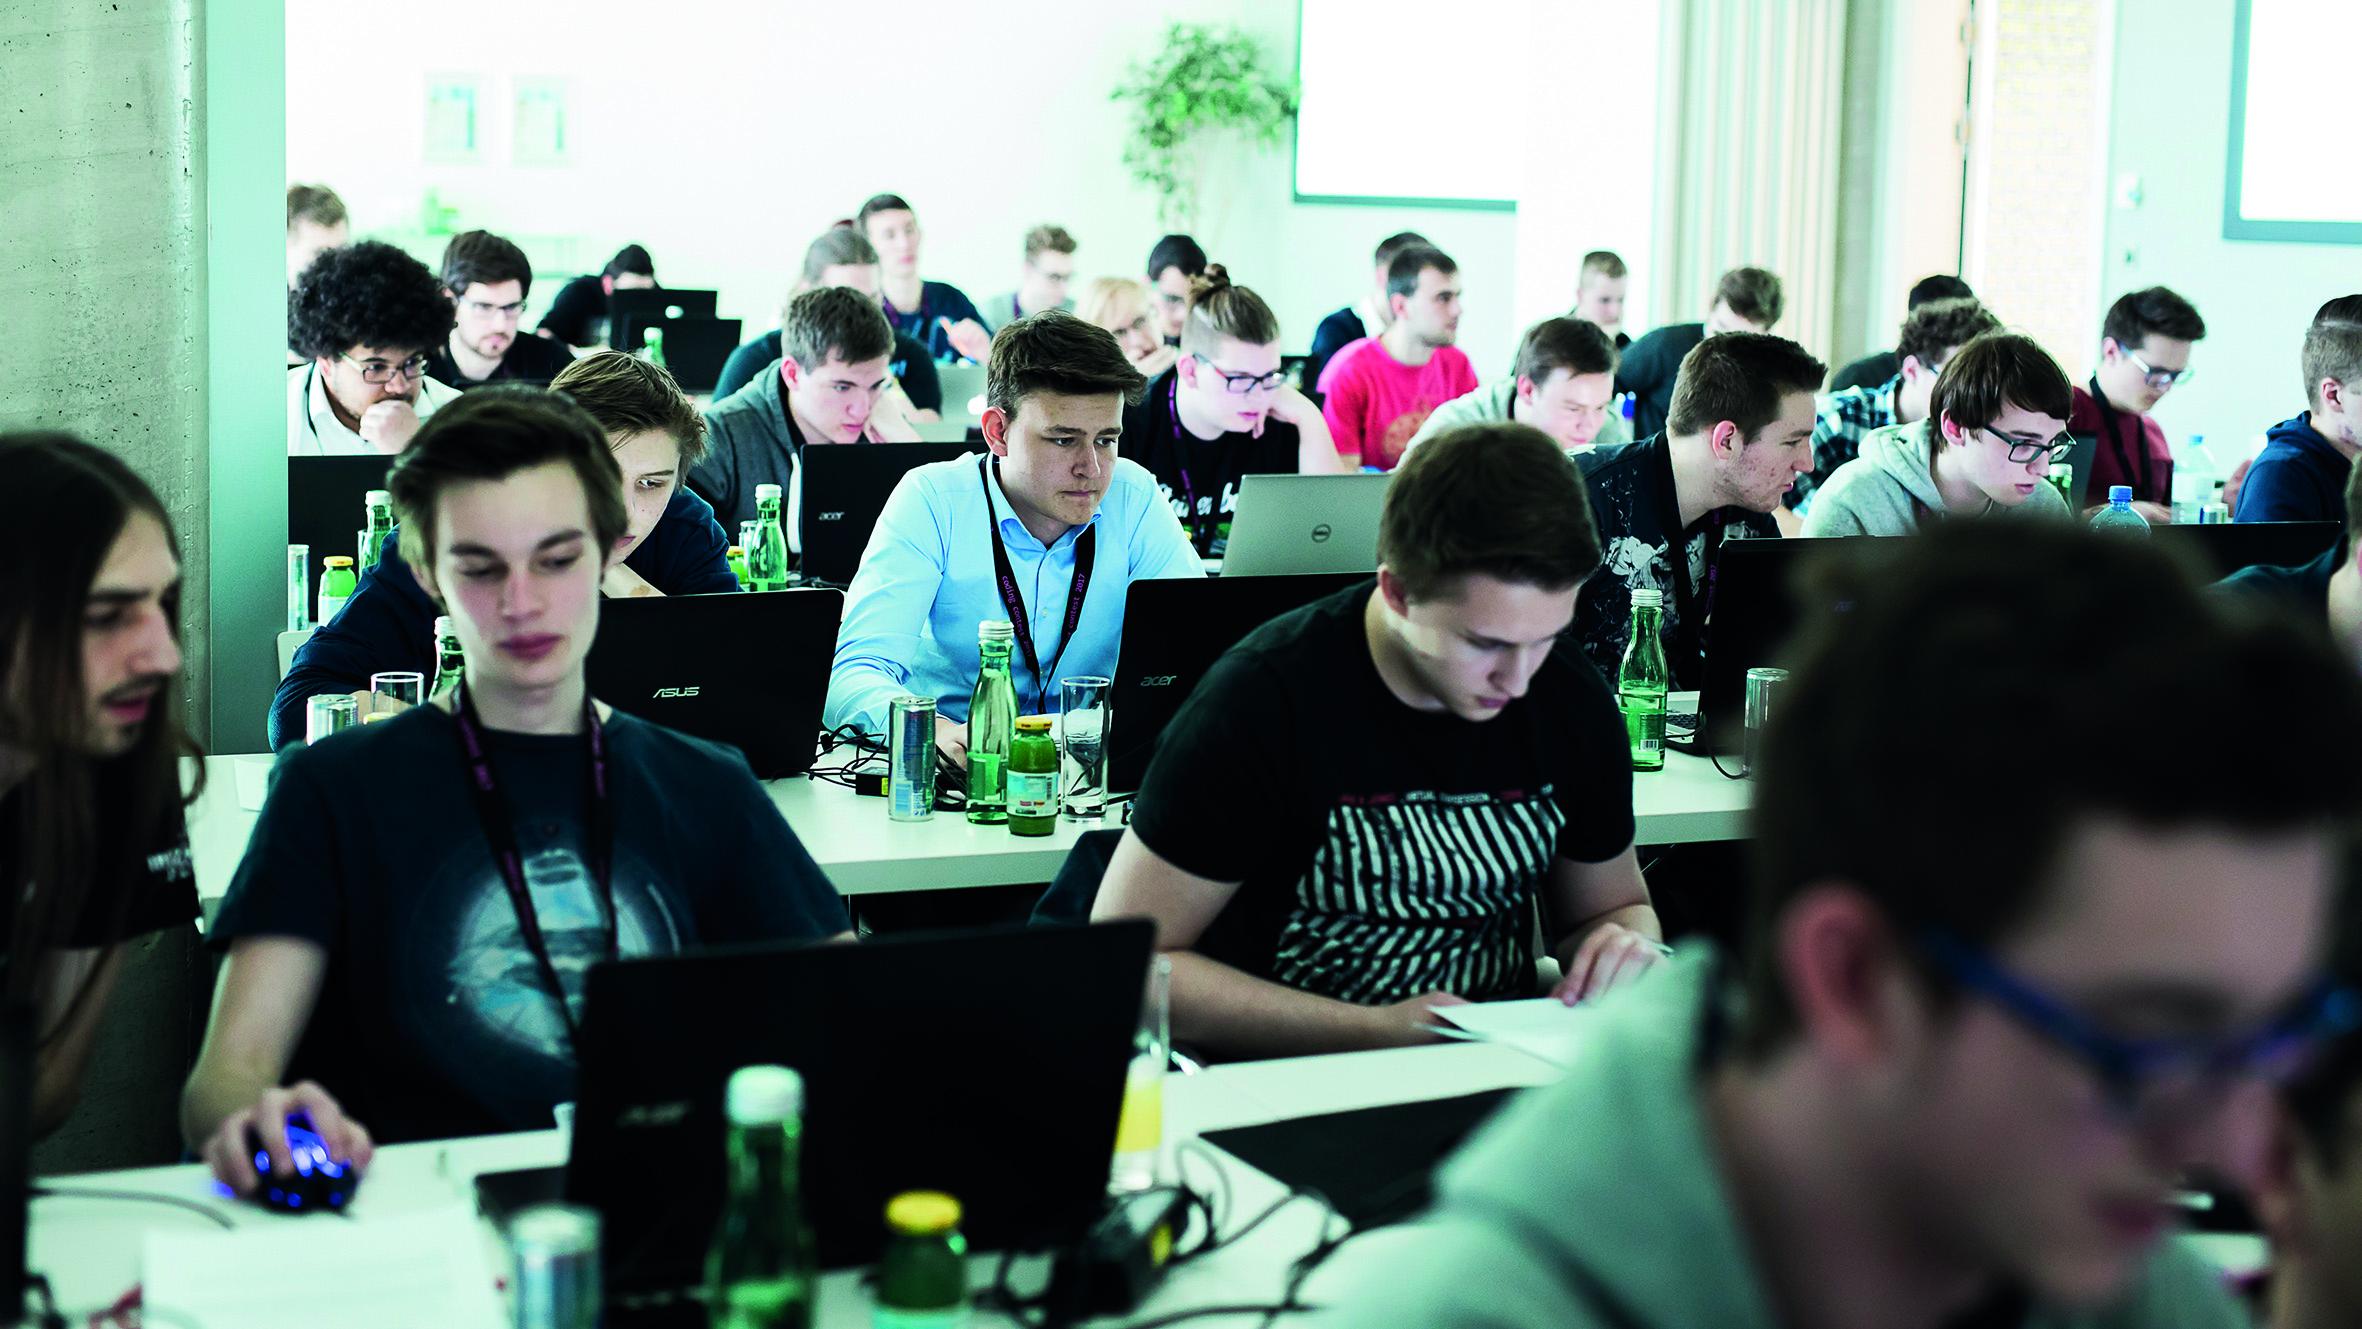 6. KNAPP Coding Contest mit Teilnehmerrekord! 87 Schüler und Studenten aus 5 Bundesländern tüftelten wieder an einer Programmieraufgabe aus der Logistik.